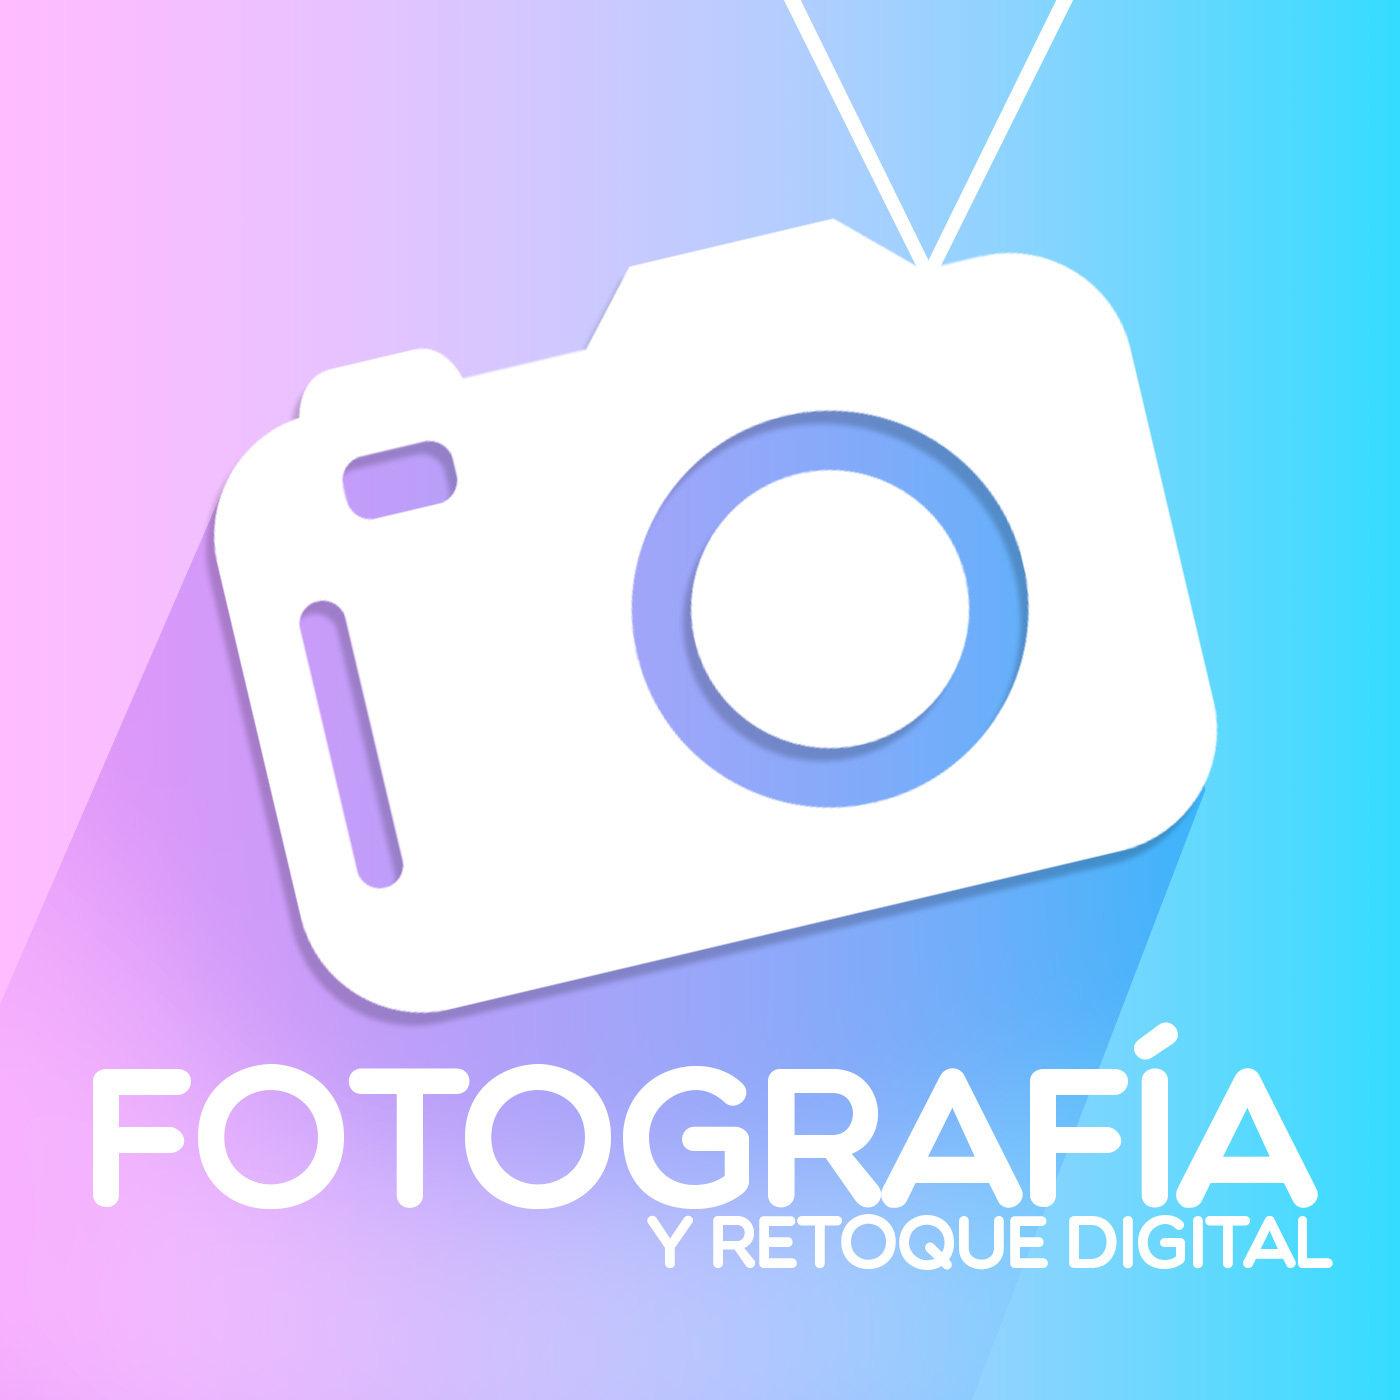 Logo de Fotografía y Retoque Digital